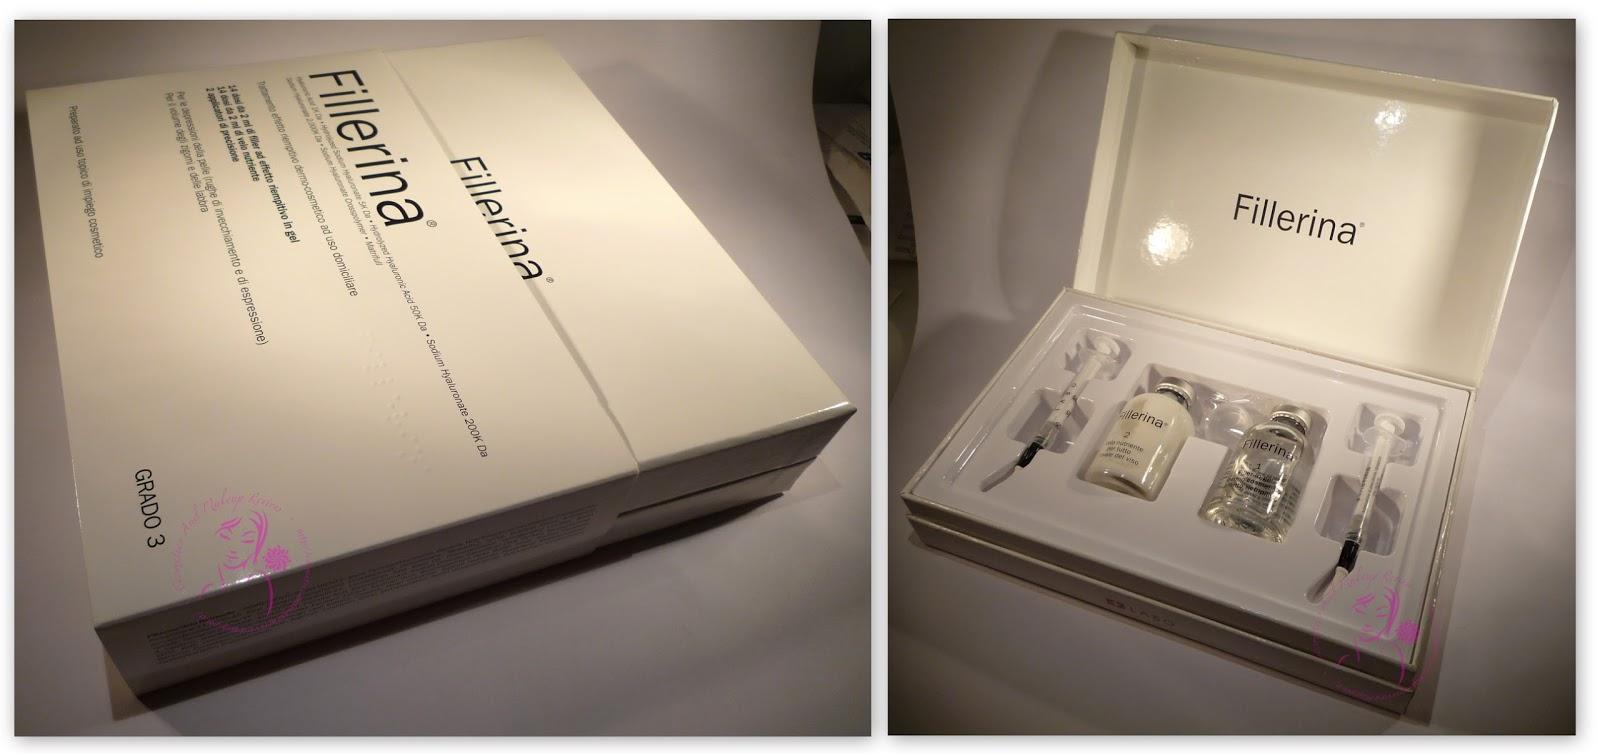 LABO - Fillerina Viso Grado 3 - Packaging